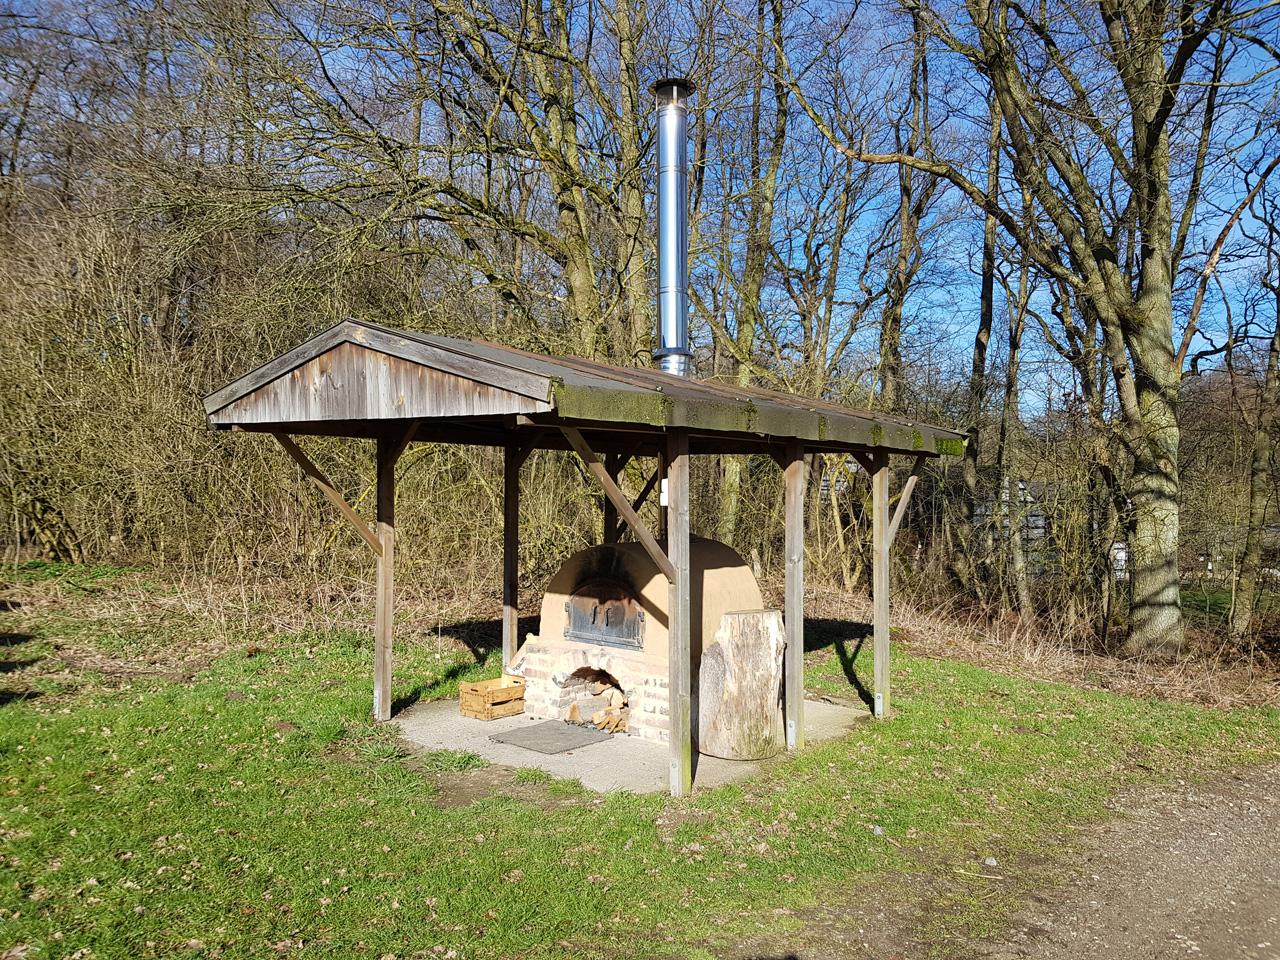 Grillplatz Wildenrath